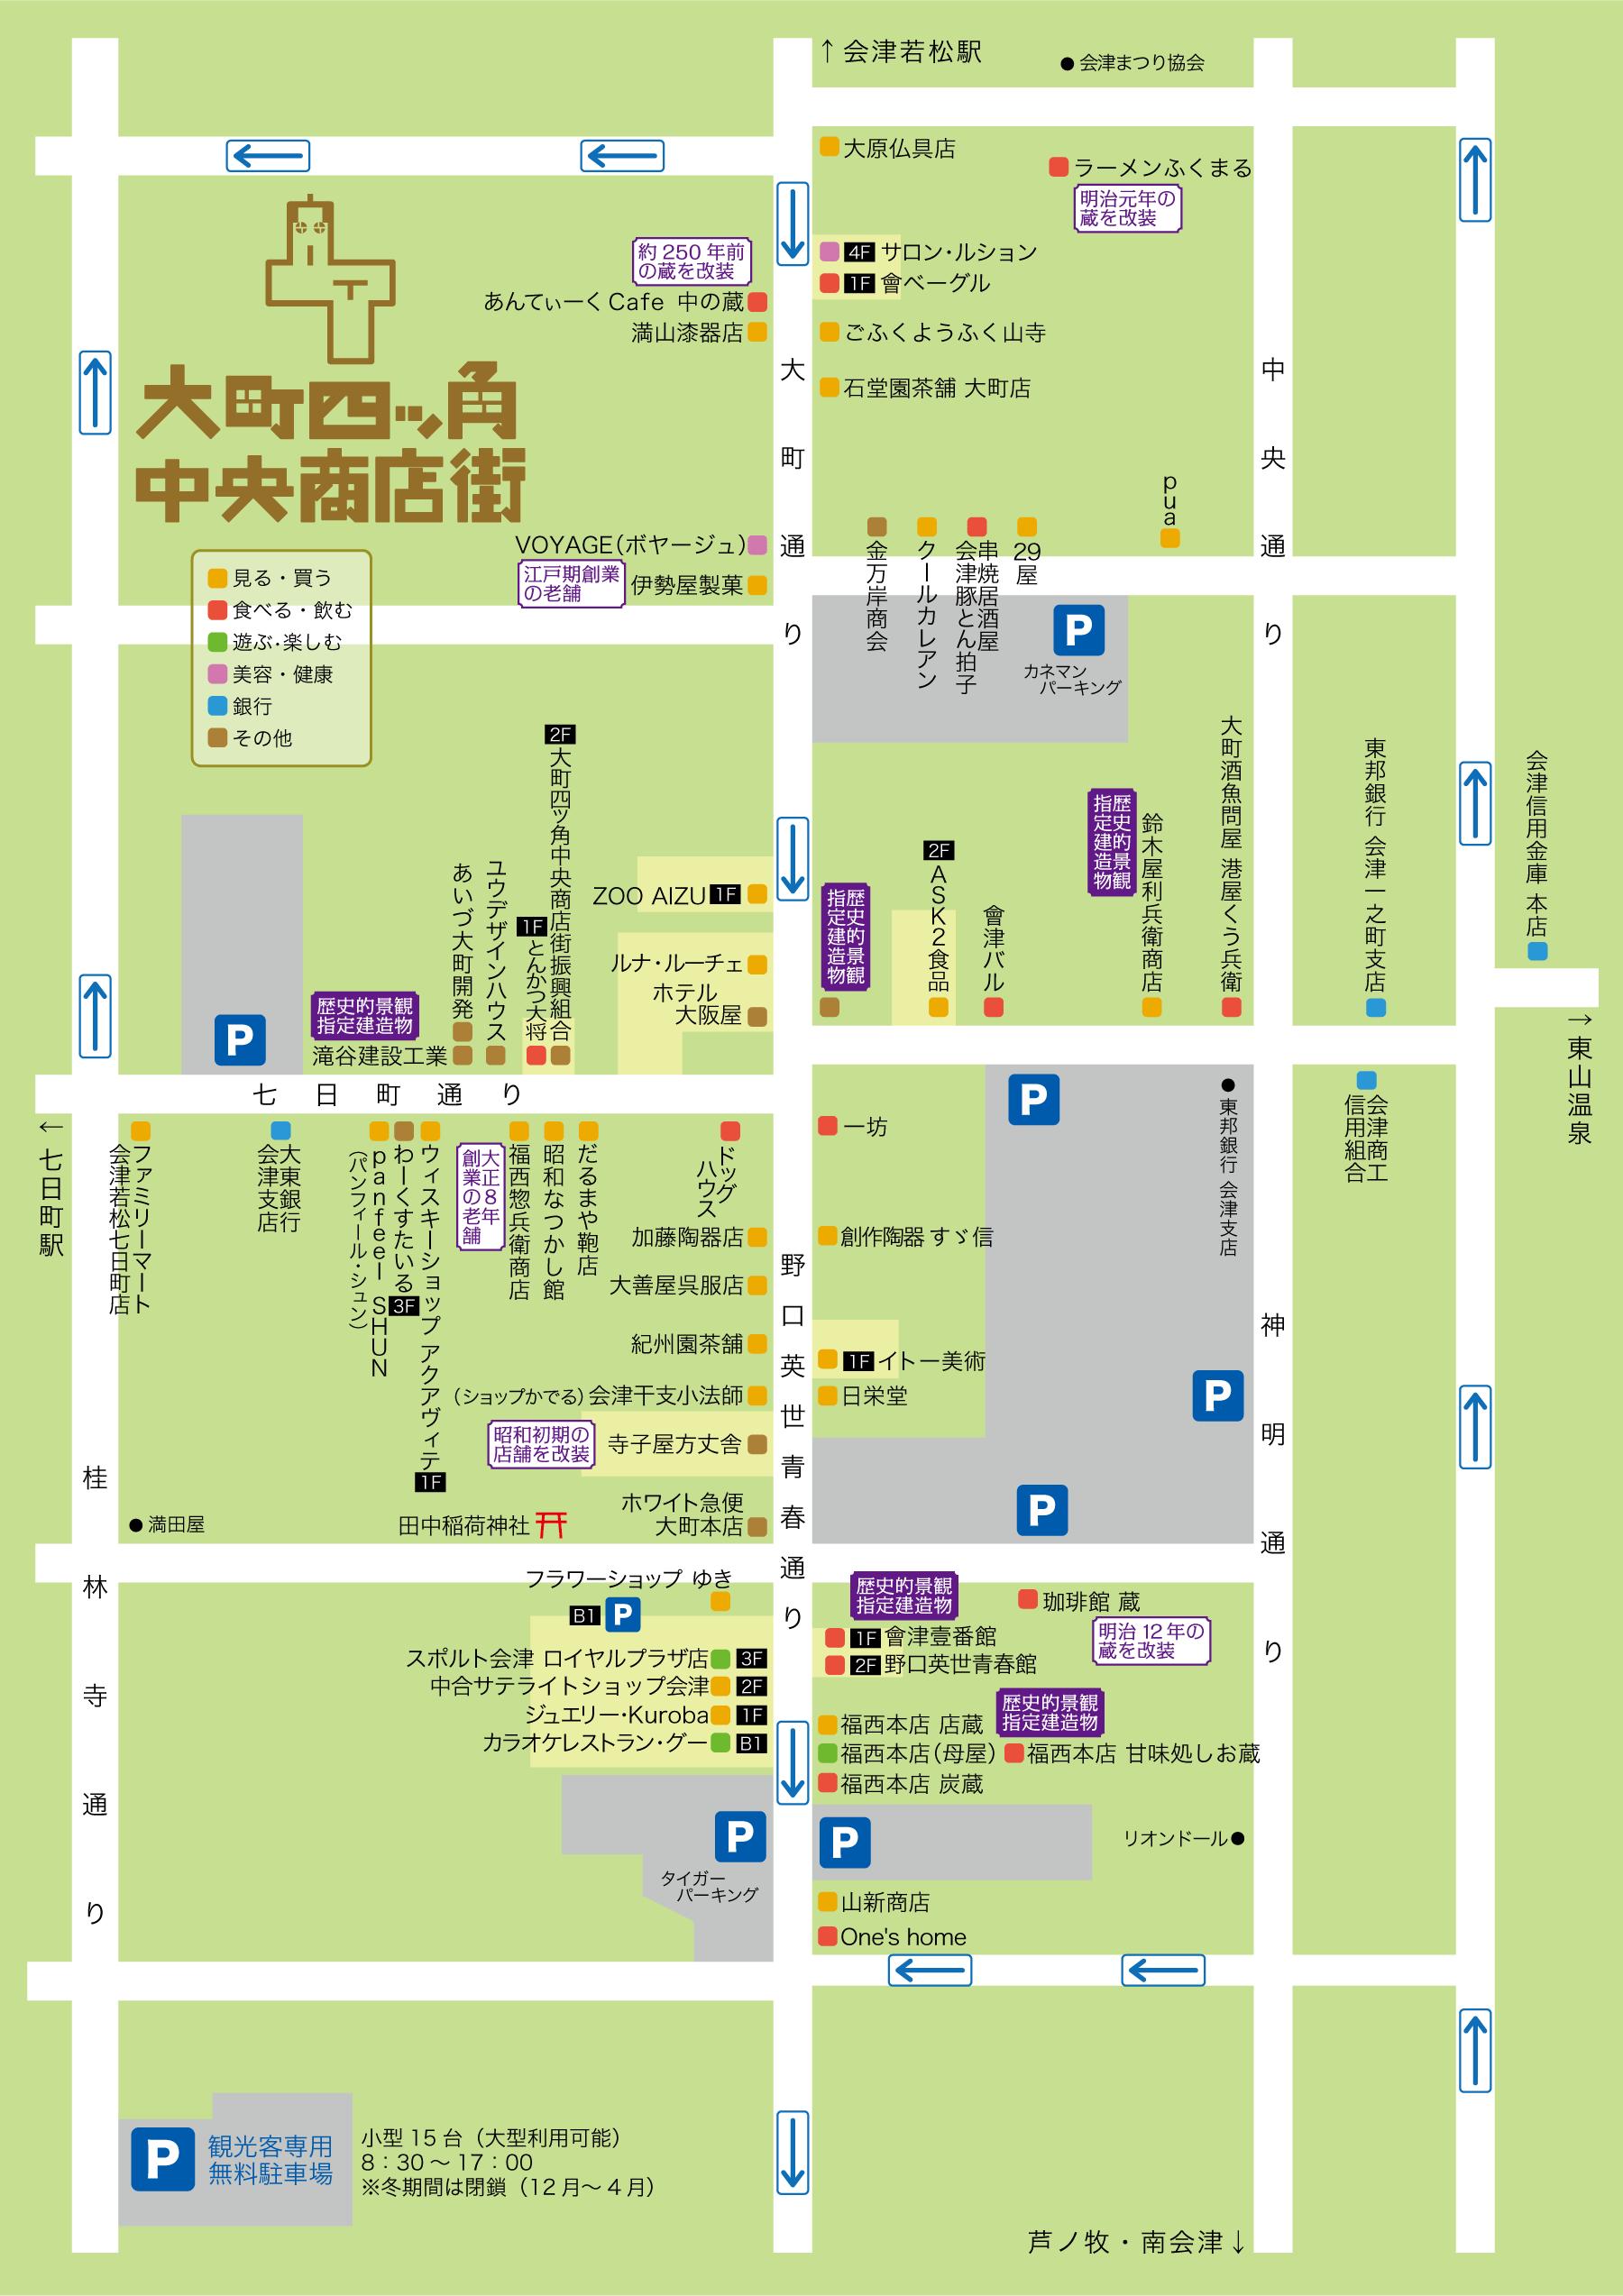 大町四ッ角中央商店街マップ 2020年11月時点